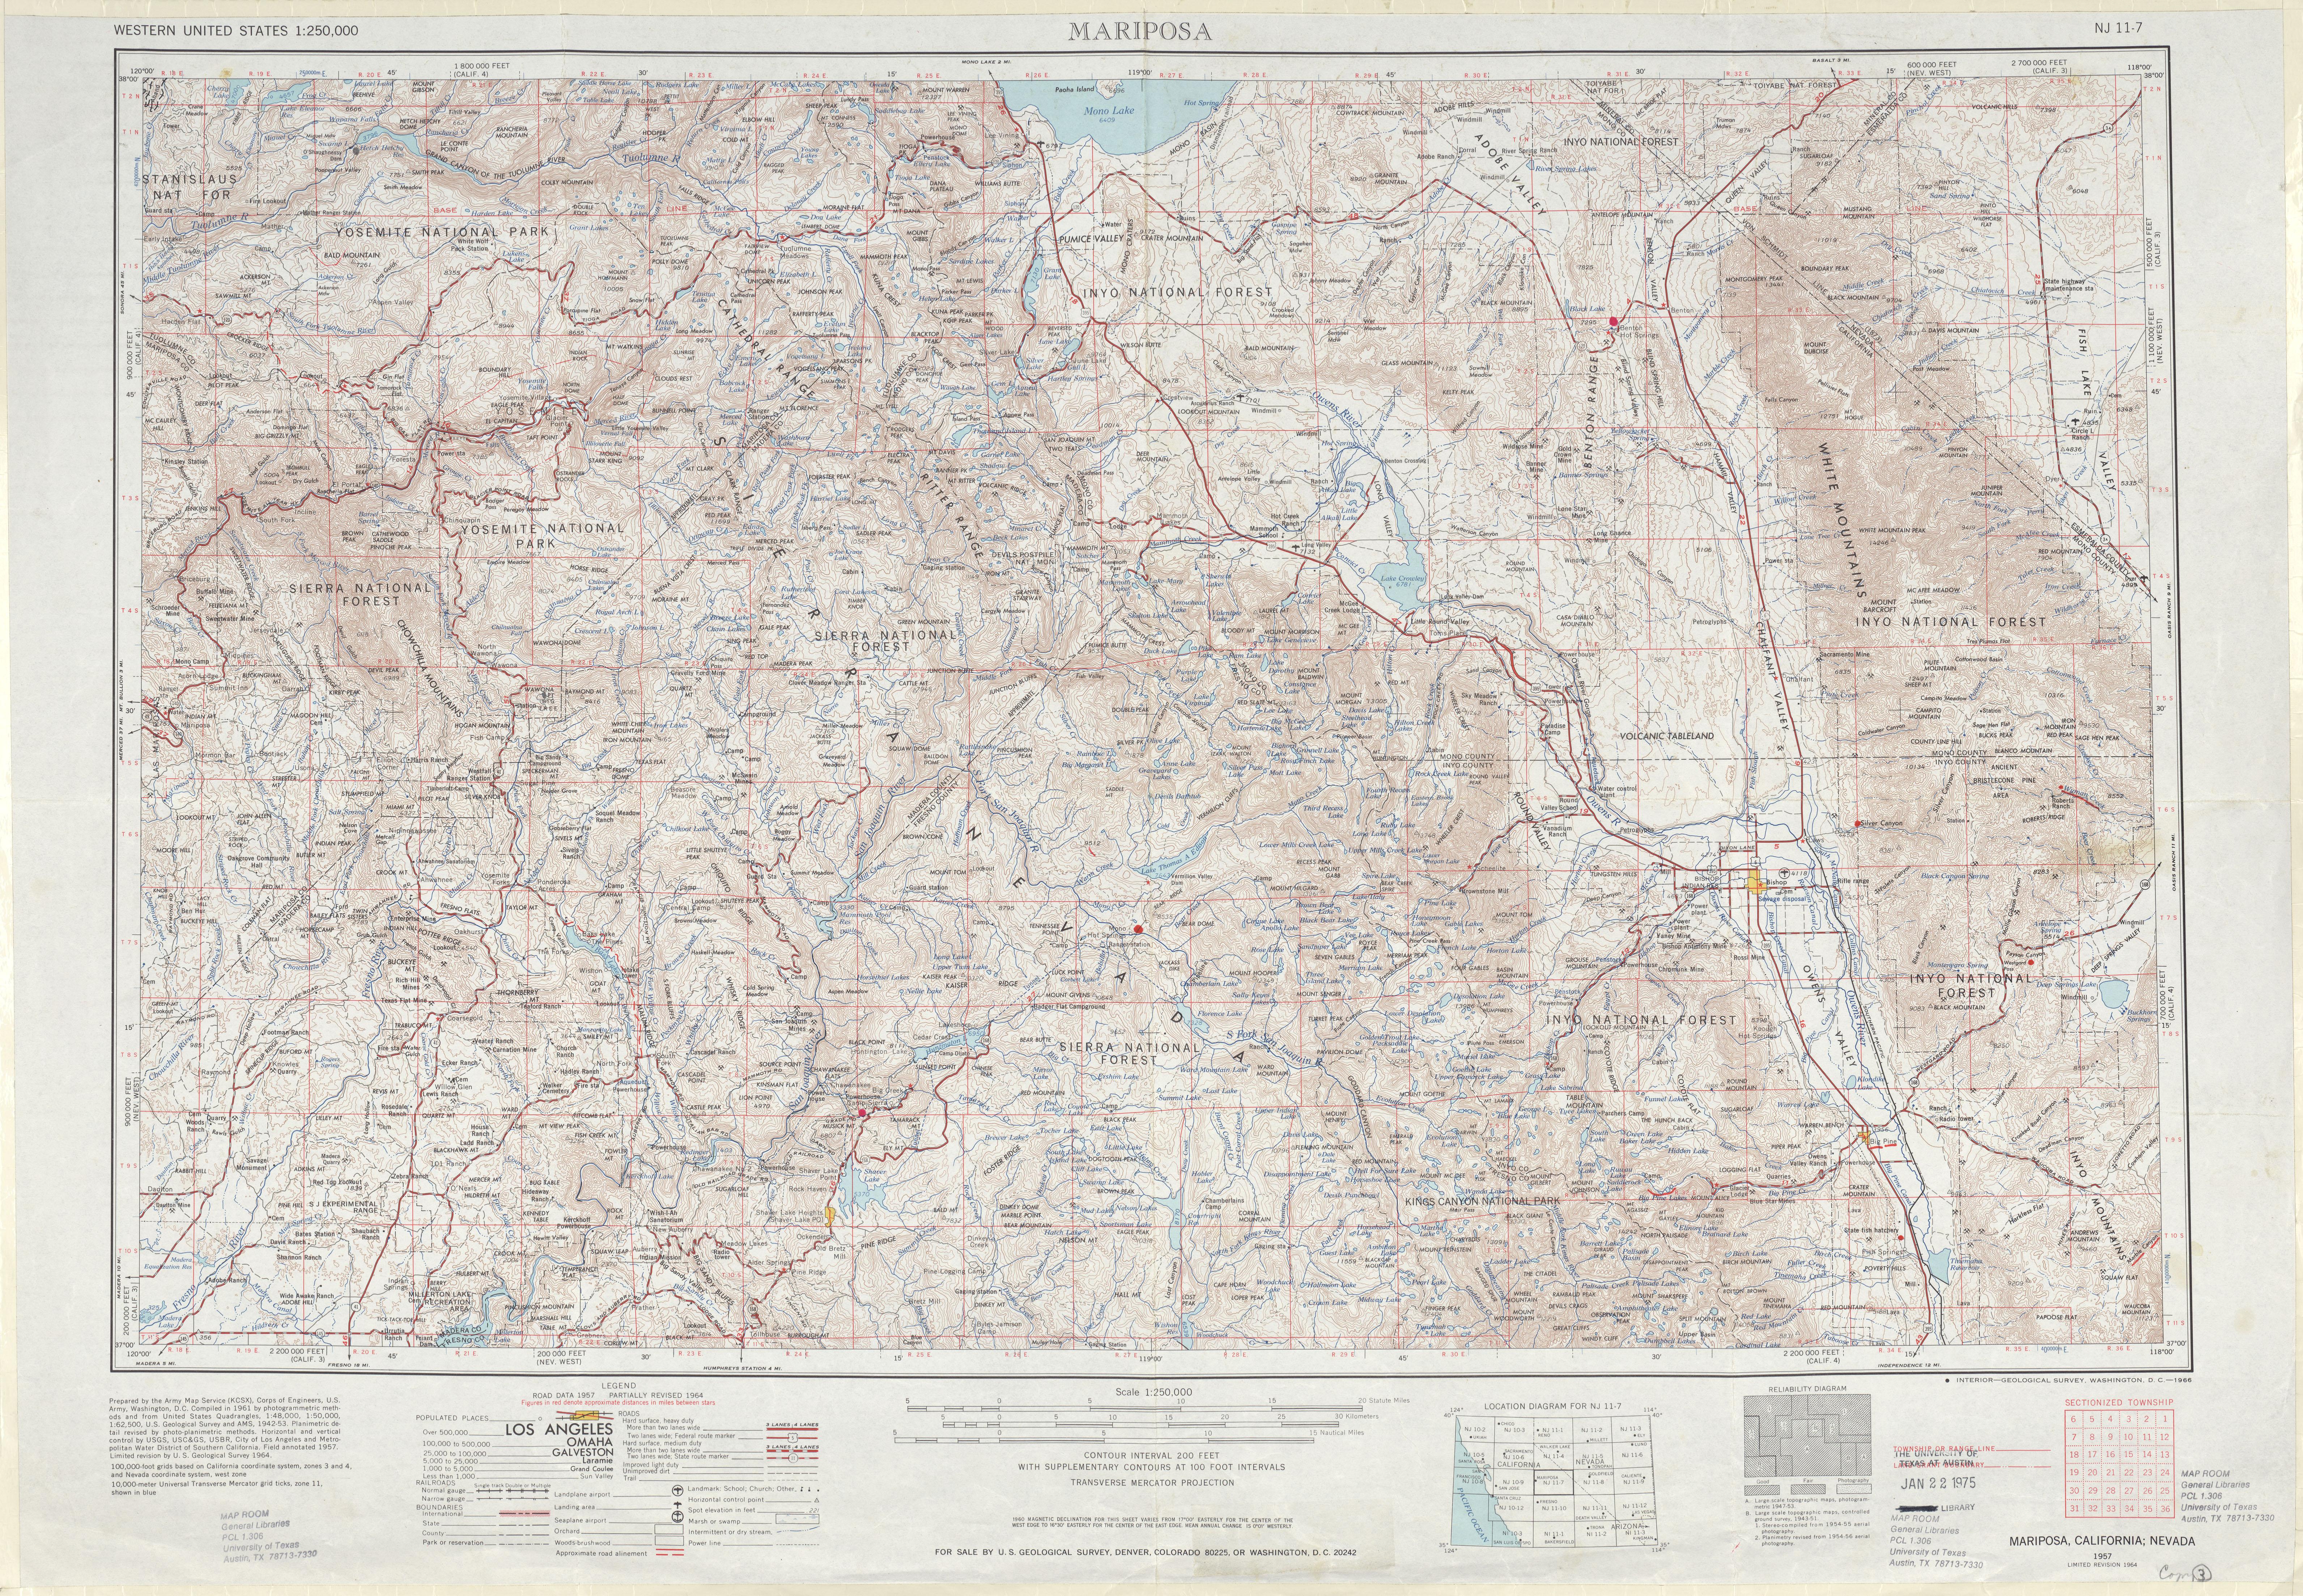 Hoja Mariposa del Mapa de Relieve Sombreado de los Estados Unidos 1964